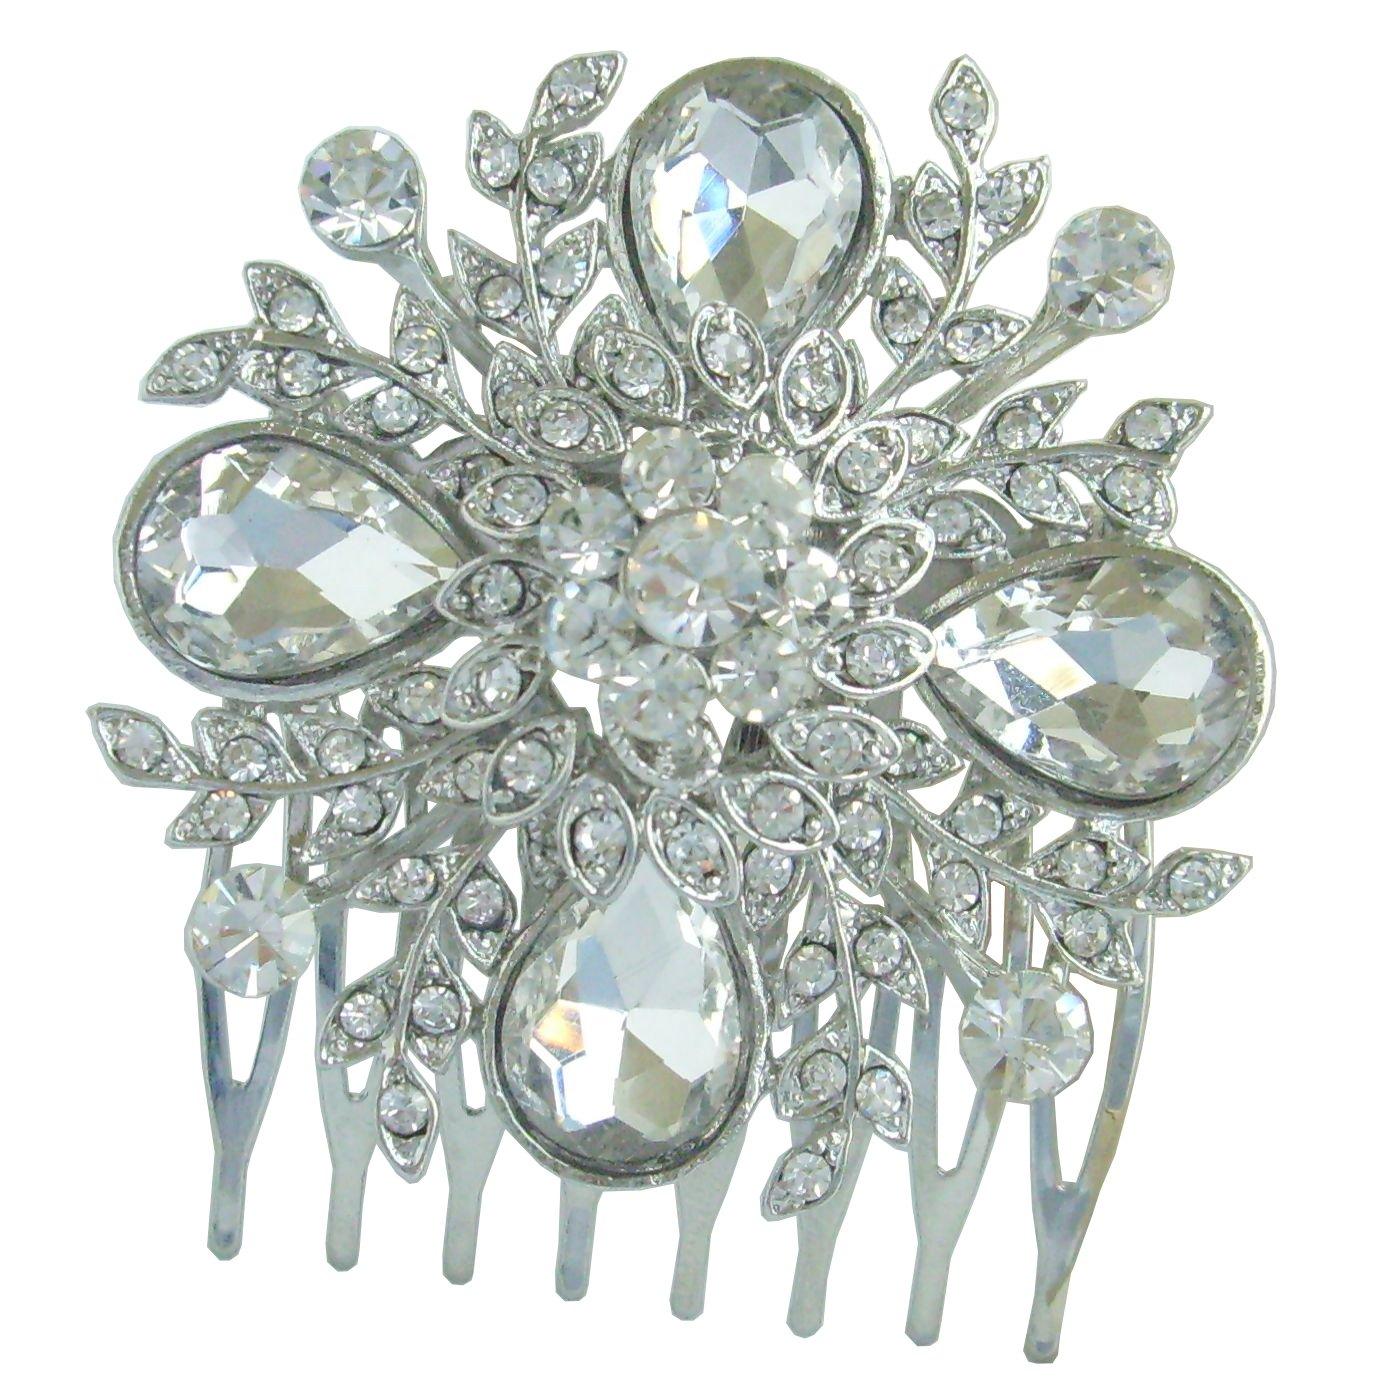 Sindary 1.97'' Silver Tone Wedding Flower Hair Comb Clear Rhinestone Crystal Bridal Jewelry HZ5828